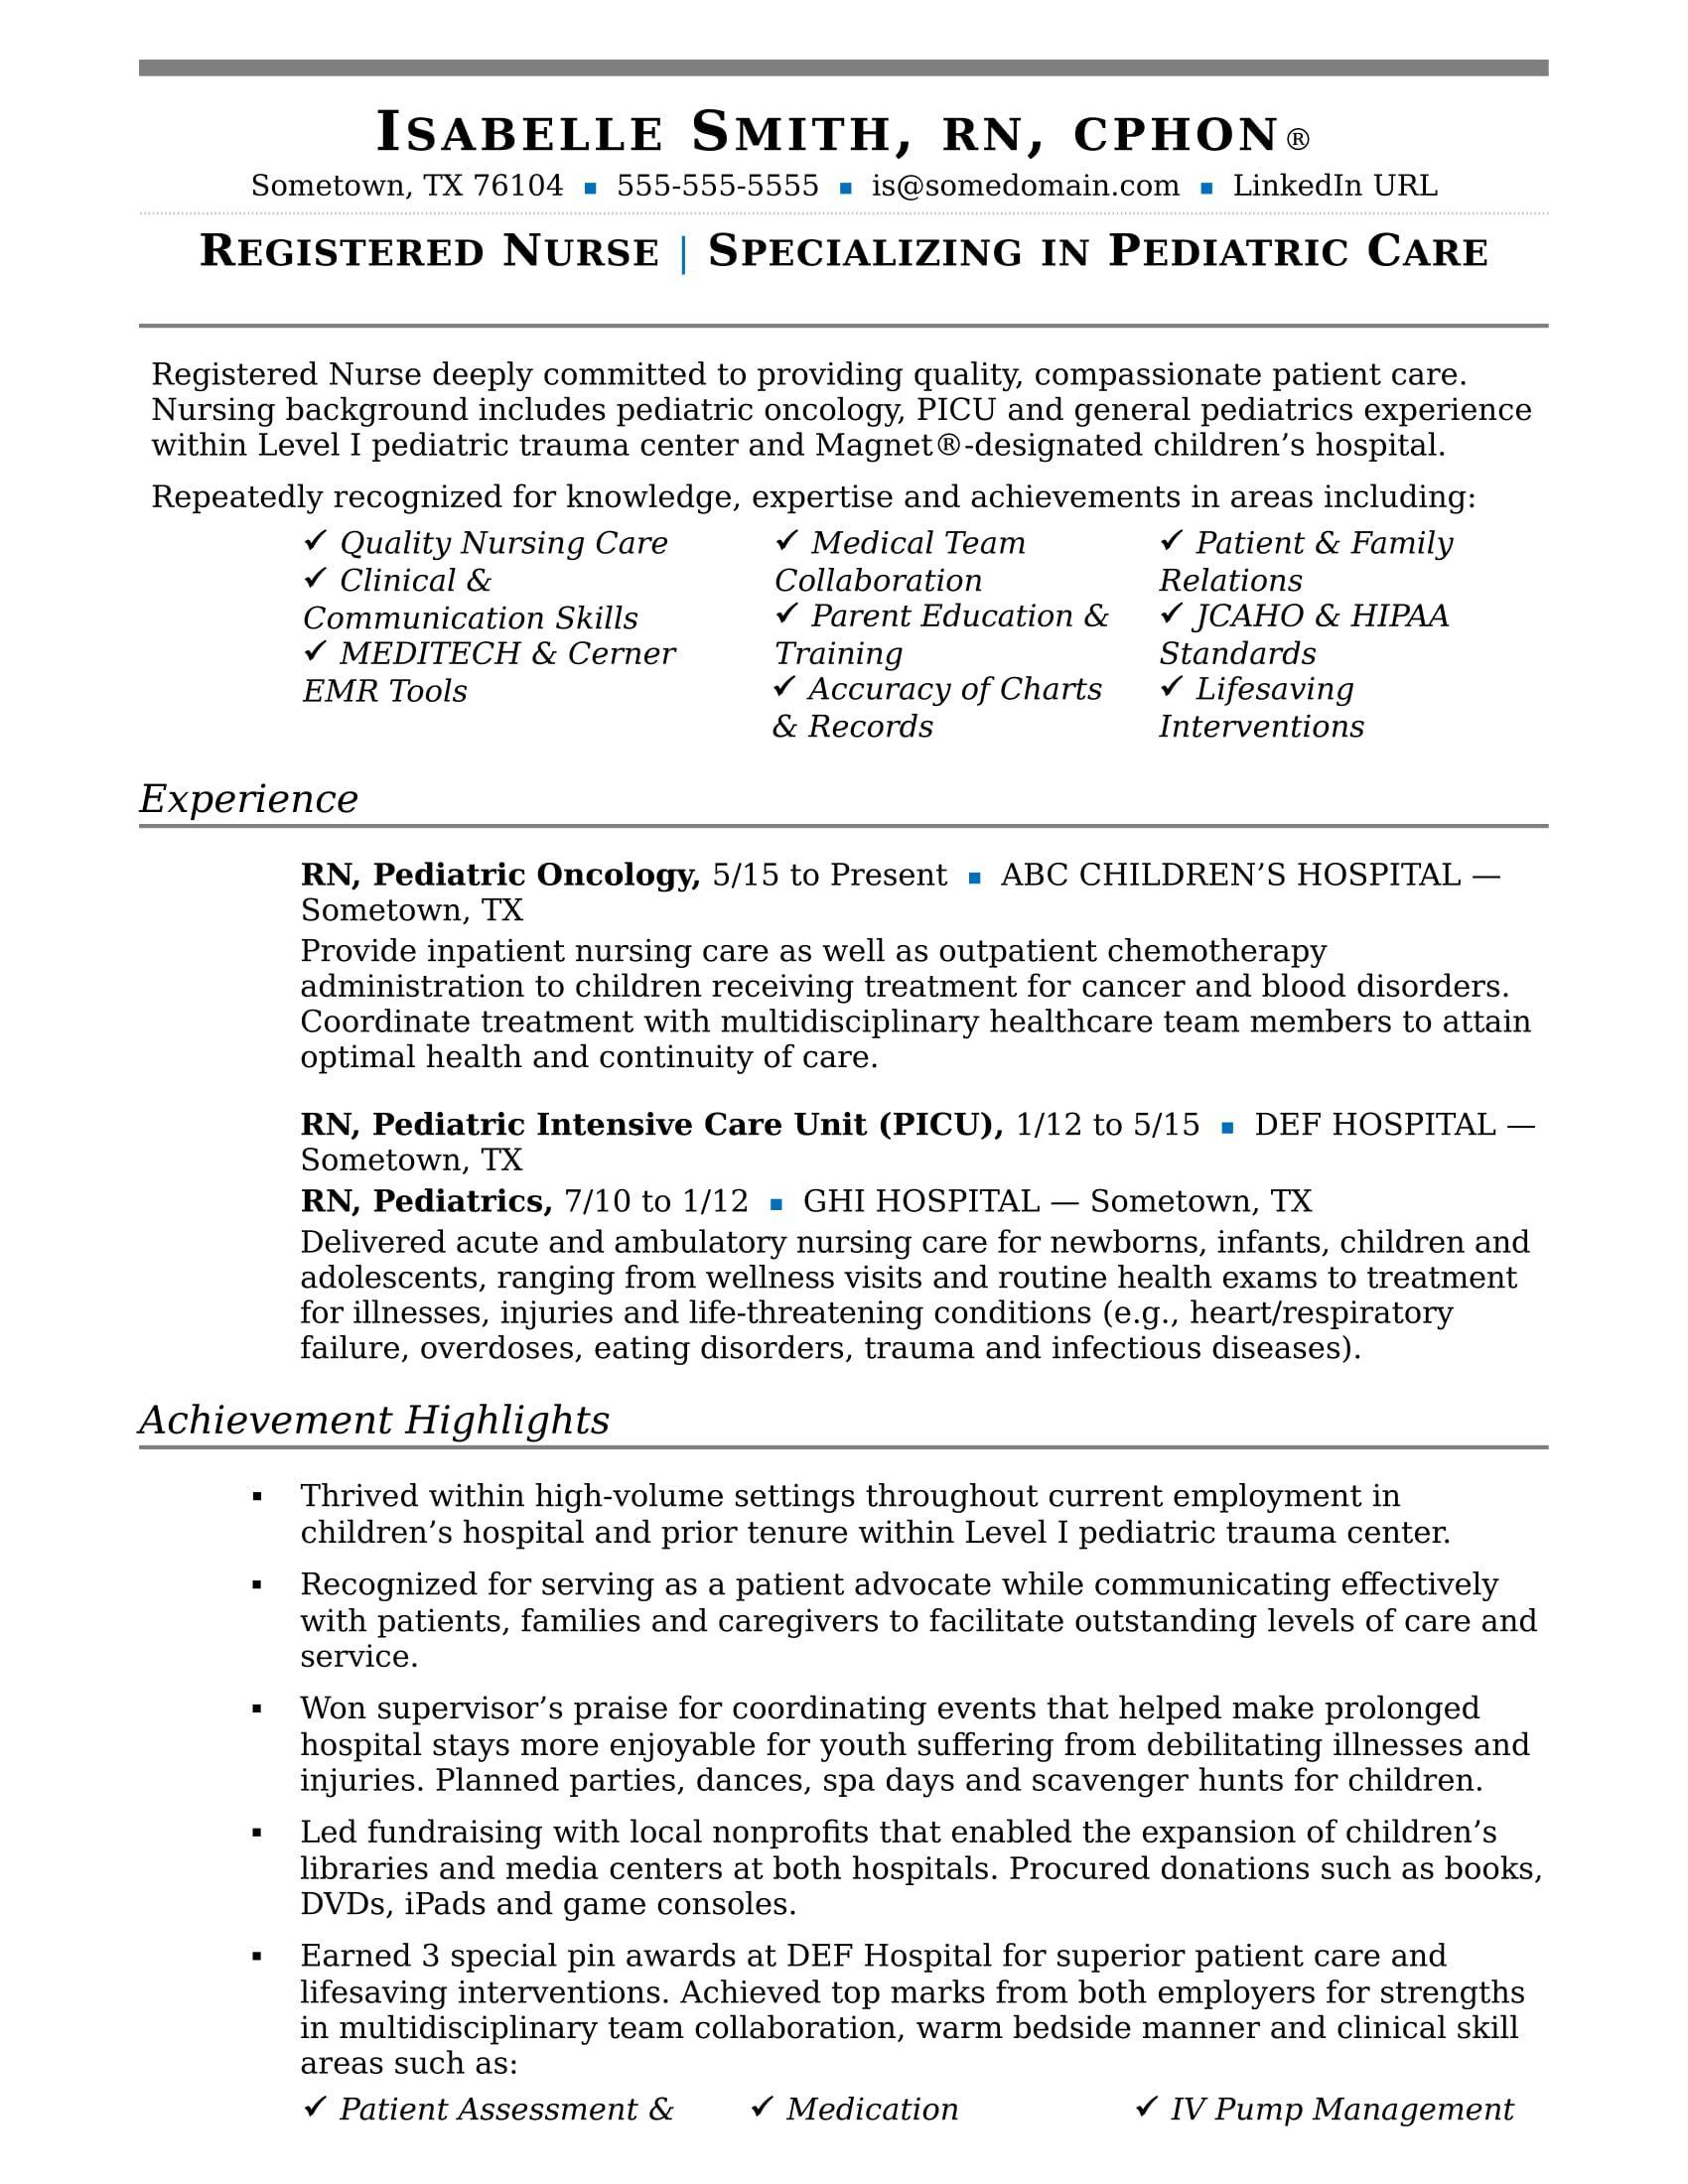 Nurse resume sample nursing resume template nursing